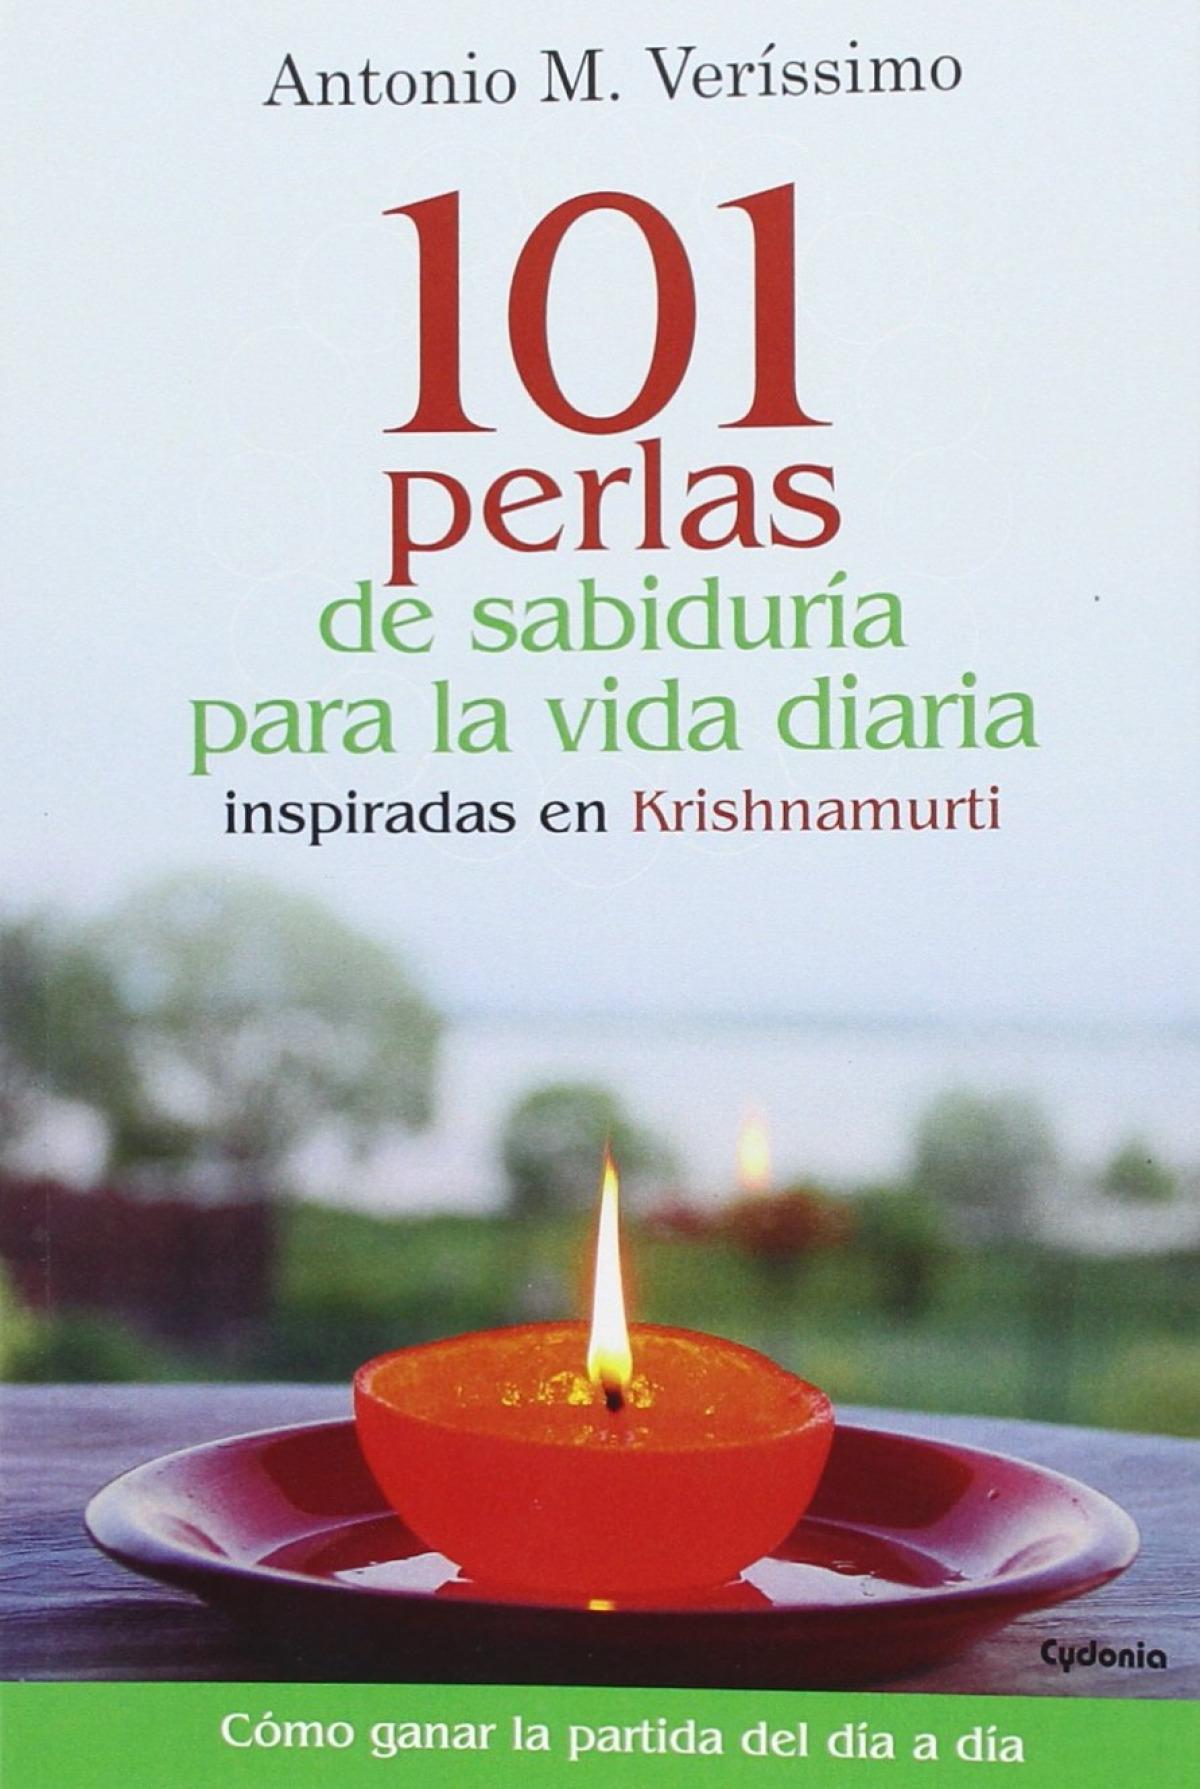 101 perlas de sabidur¡a para la vida diaria 9788494586101